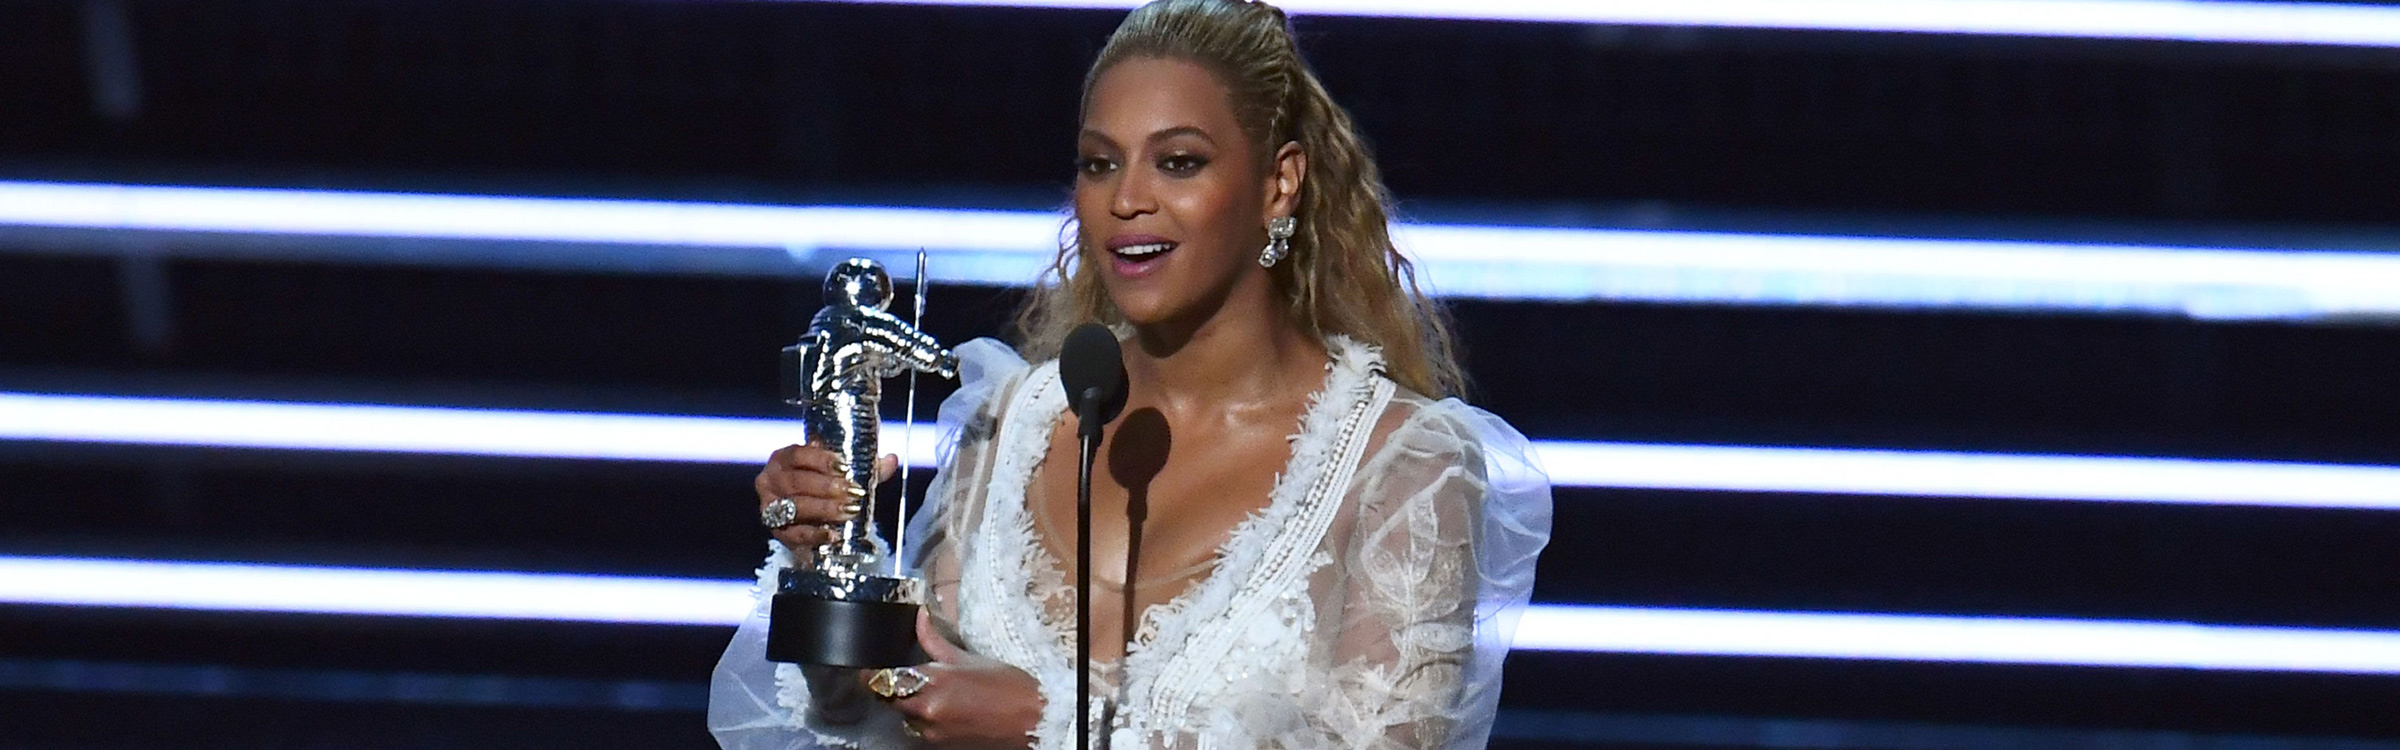 Beyonce 02